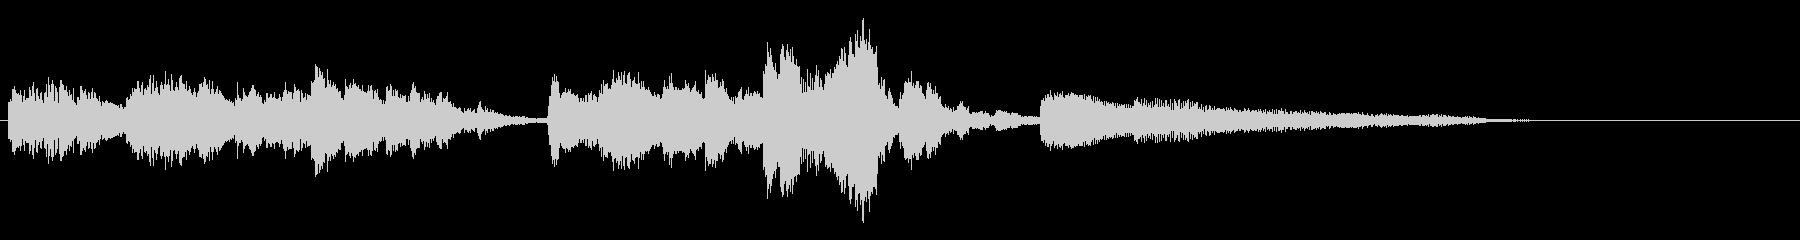 ショパンの子犬のワルツの一部抜粋と効果音の未再生の波形